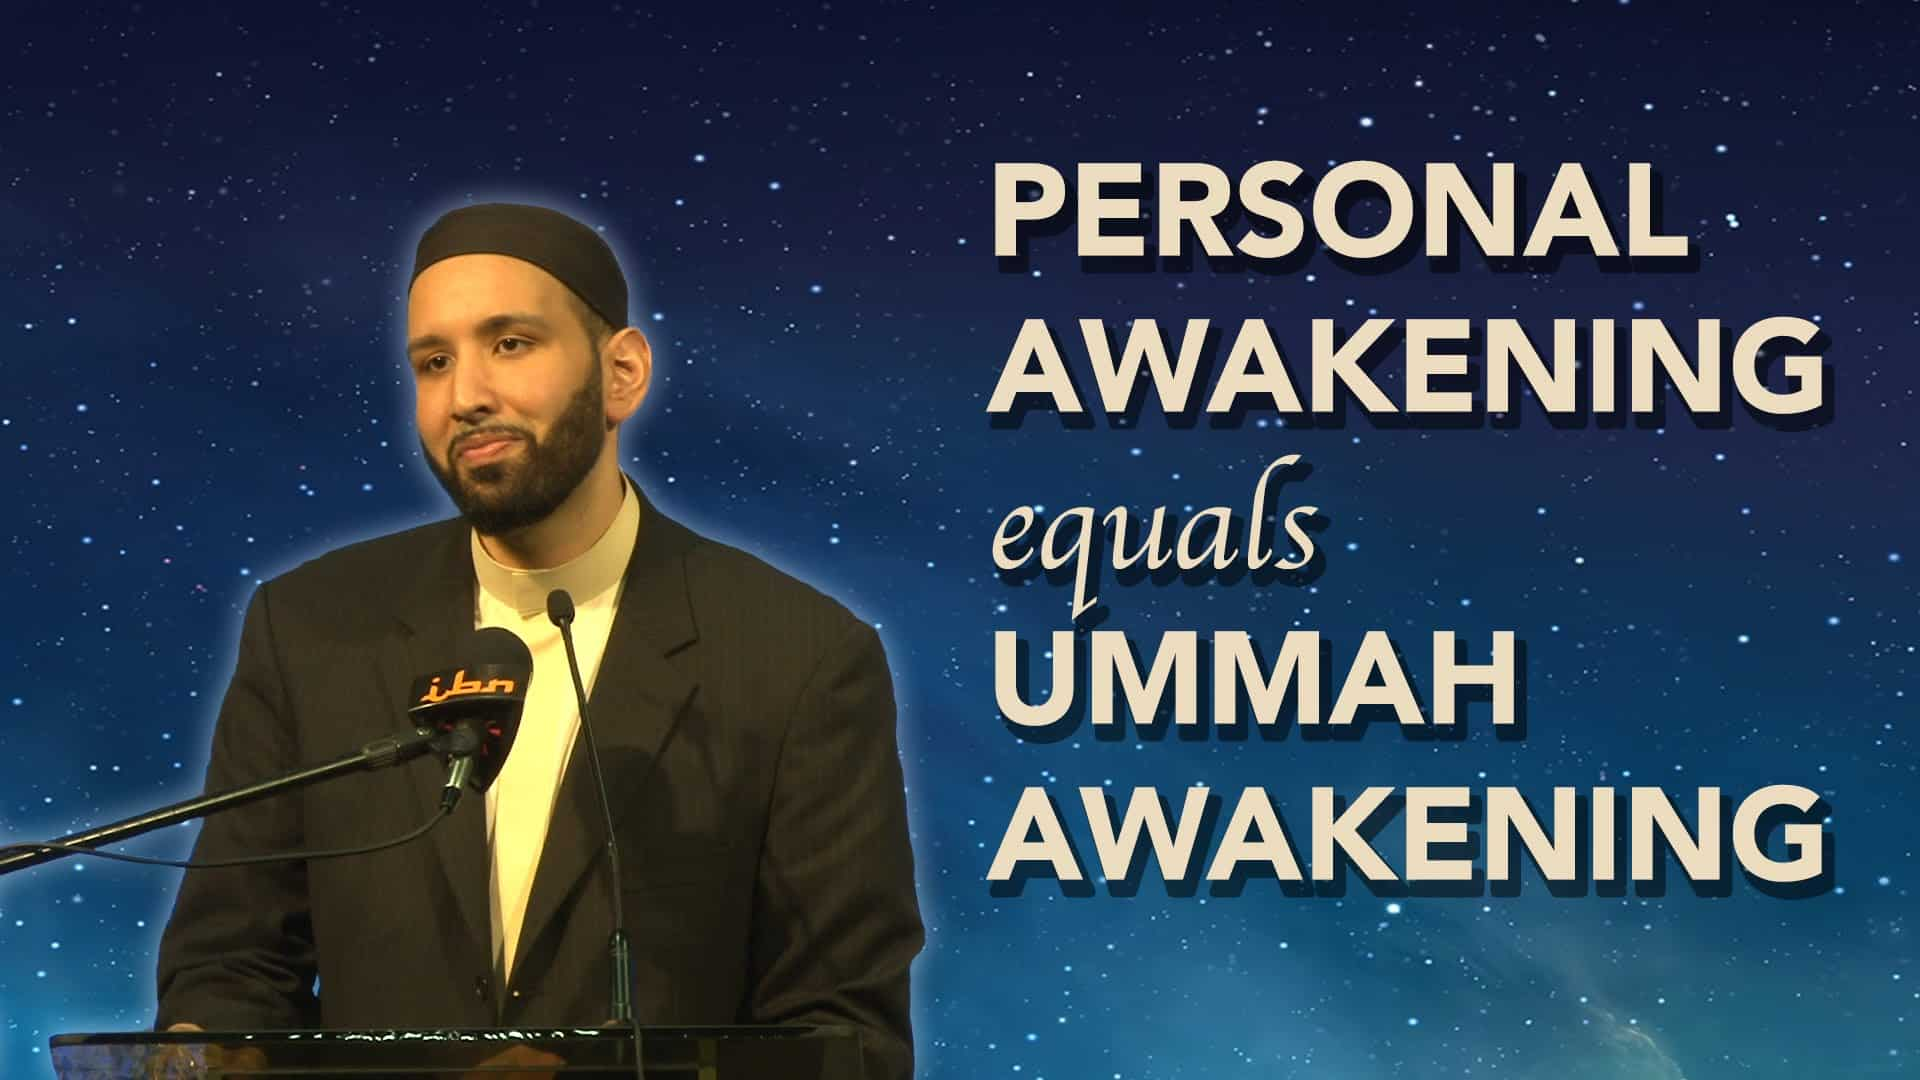 Omar Suleiman – Personal Awakening Equals Ummah Awakening